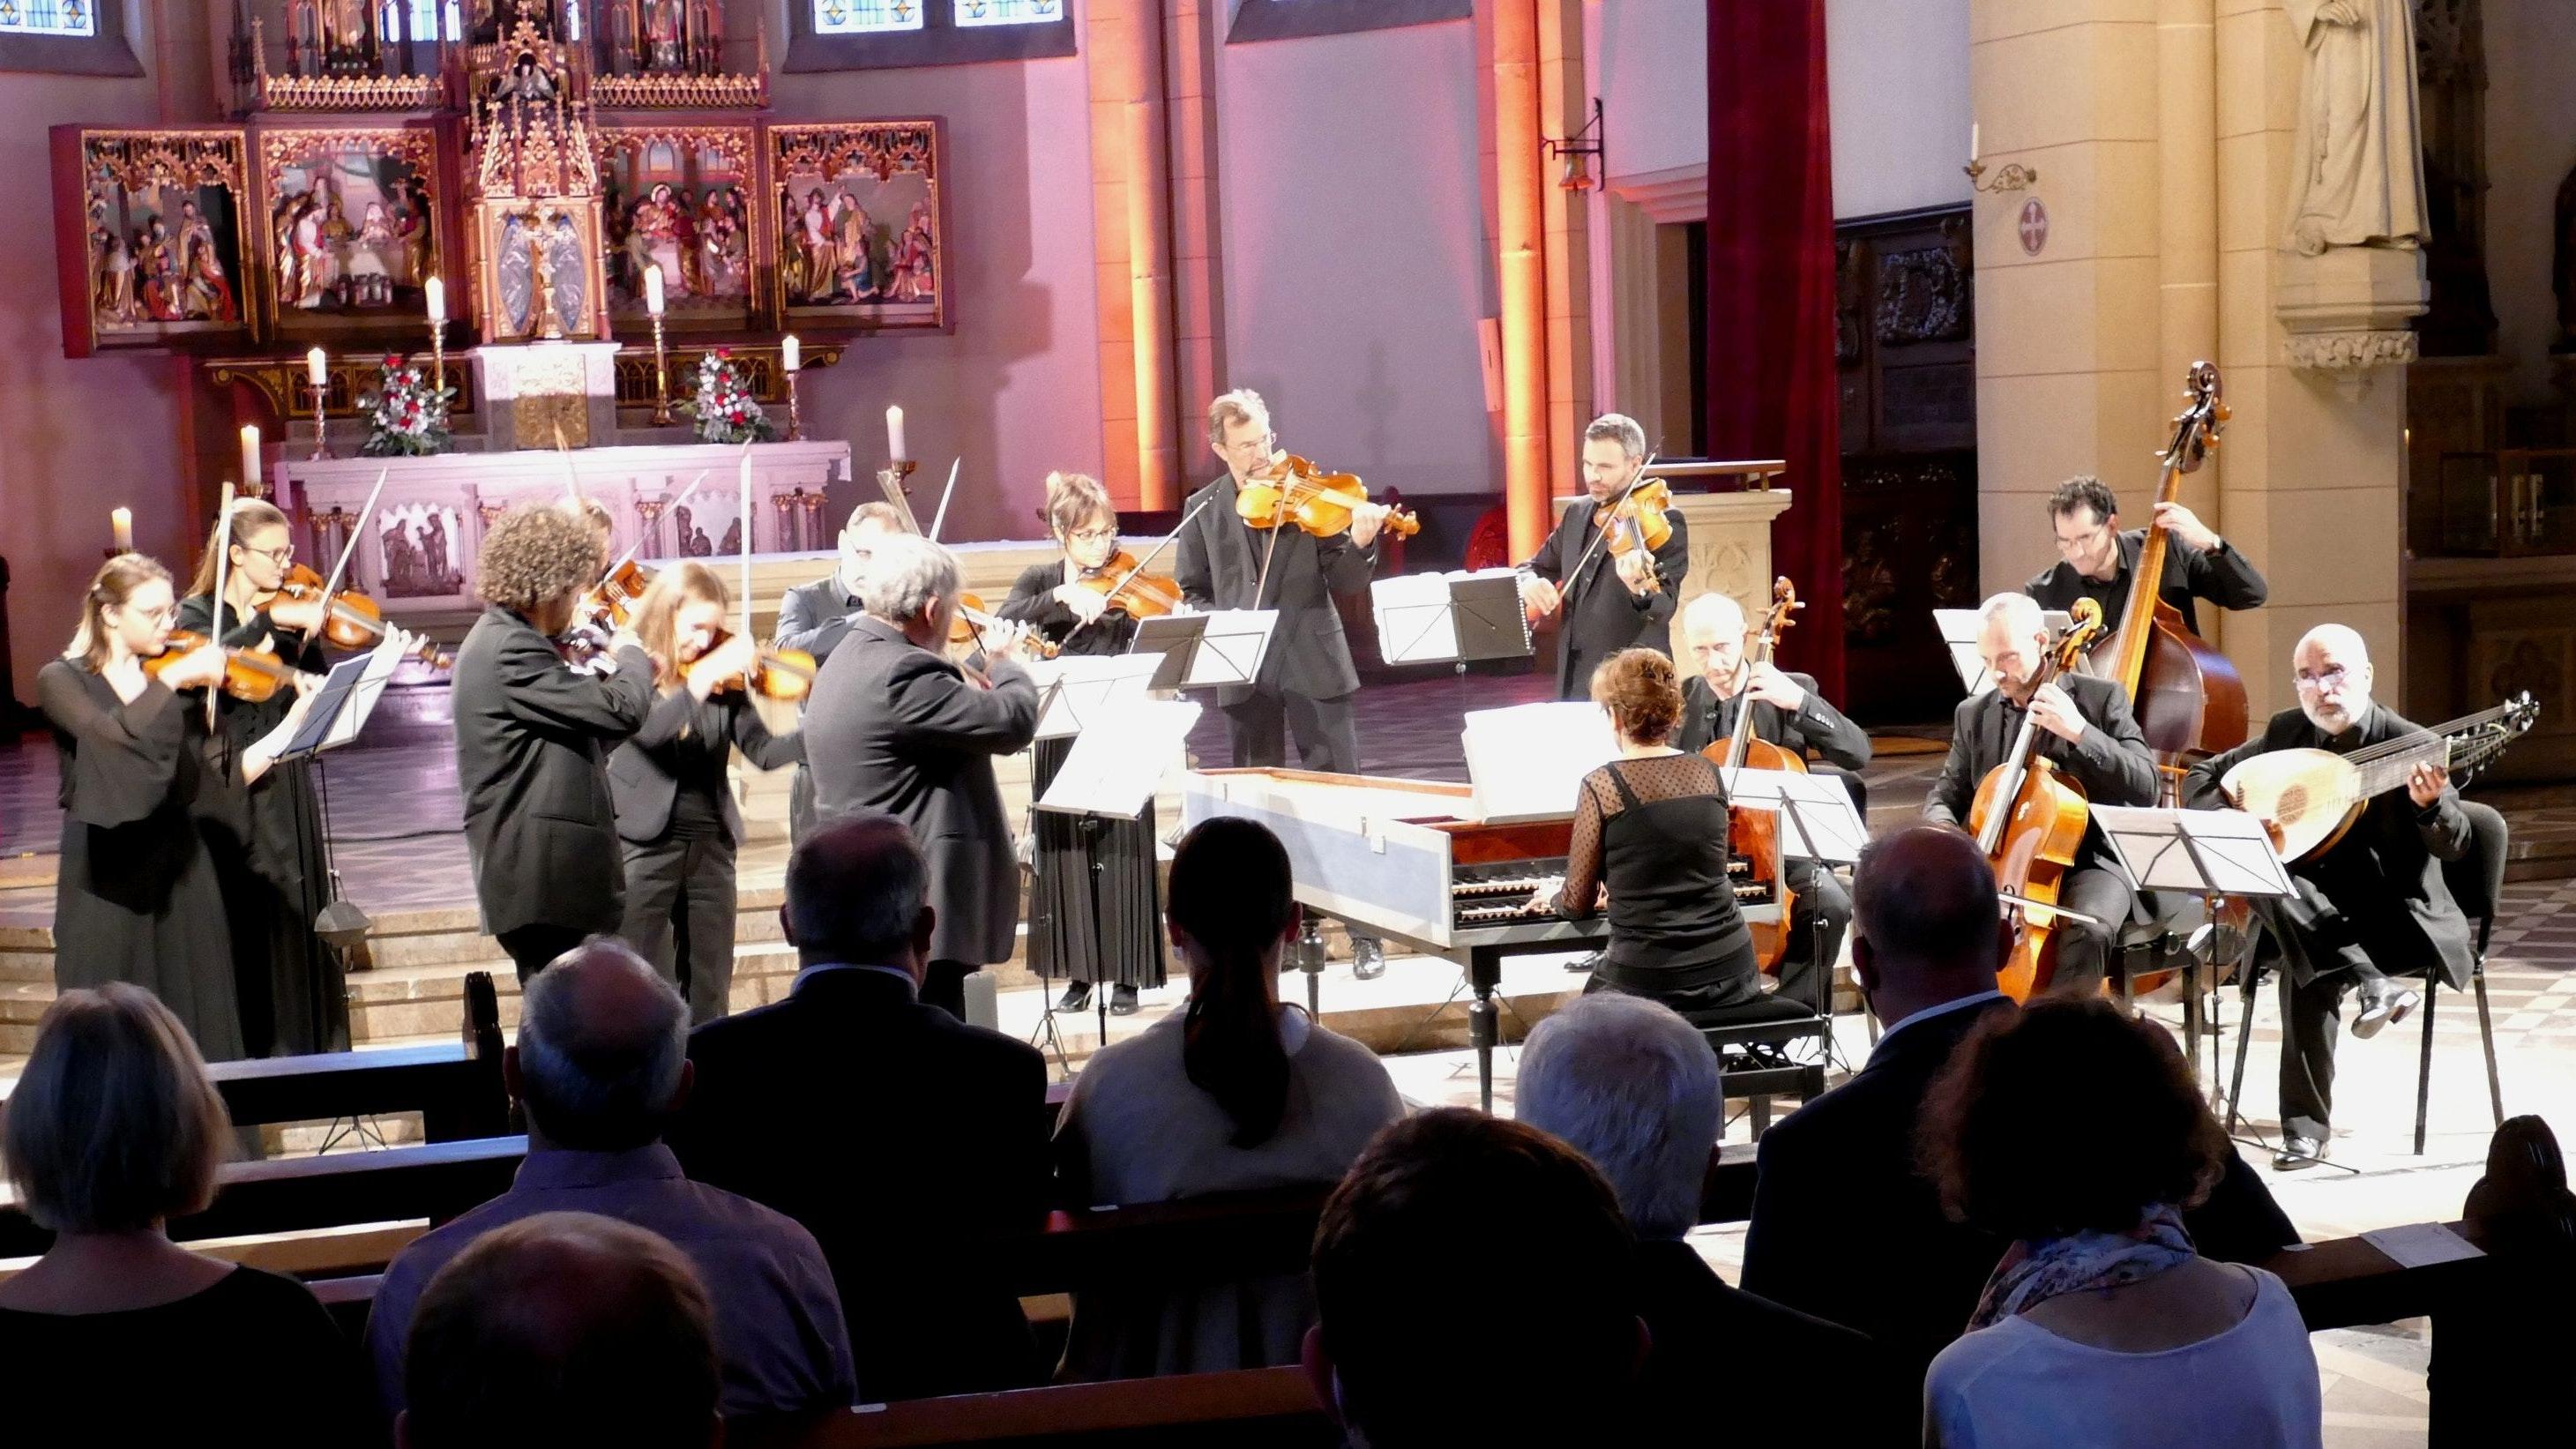 Kultur auf höchstem Niveau: Das italienische Barock-Ensemble Europa Galante gastierte am Montagabend in der Friesoyther St.-Marien-Kirche. Foto: Stix